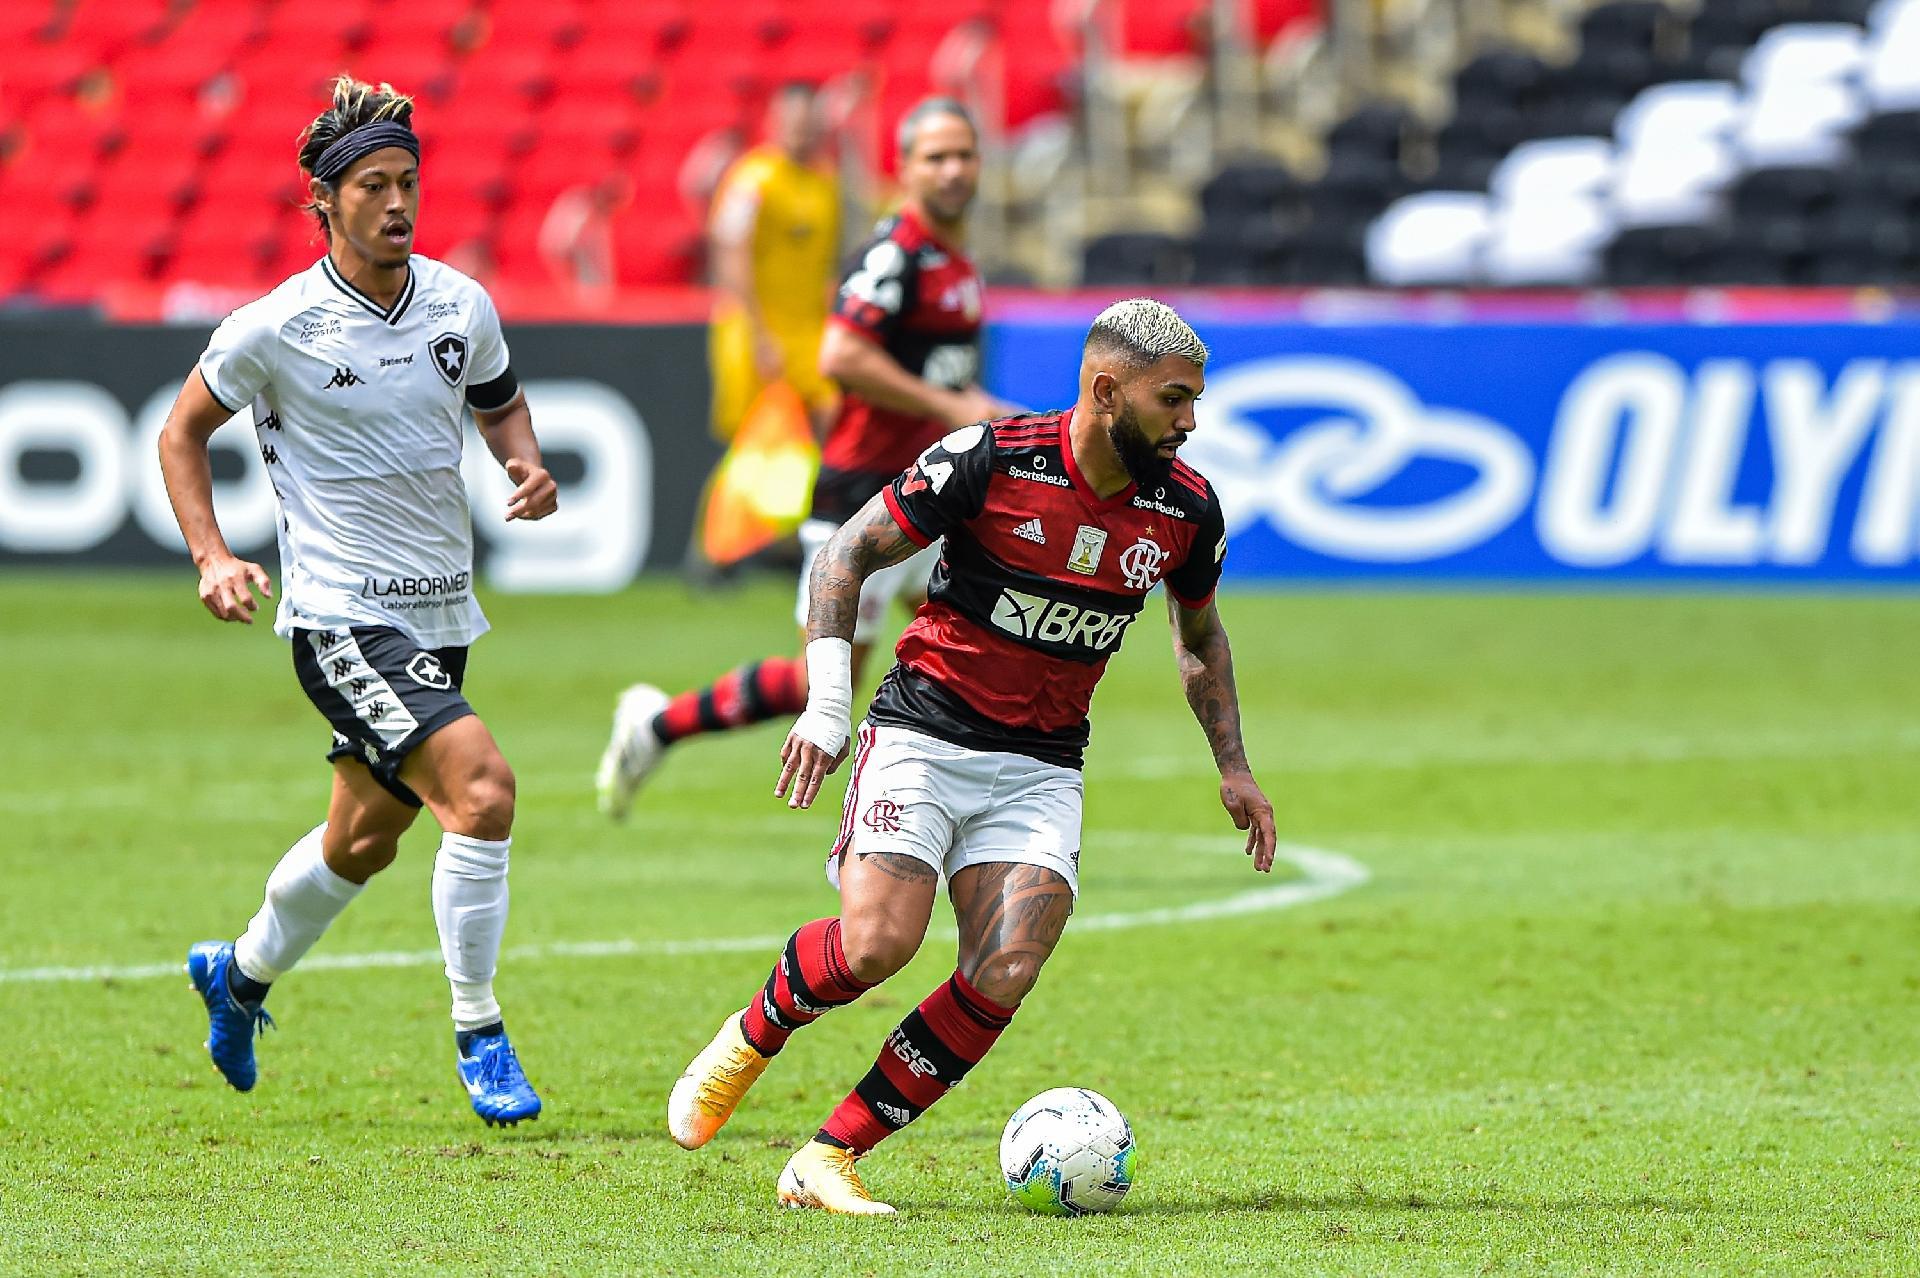 Com Var Flamengo Faz De Penalti Nos Acrescimos E Empata Com Botafogo 23 08 2020 Uol Esporte